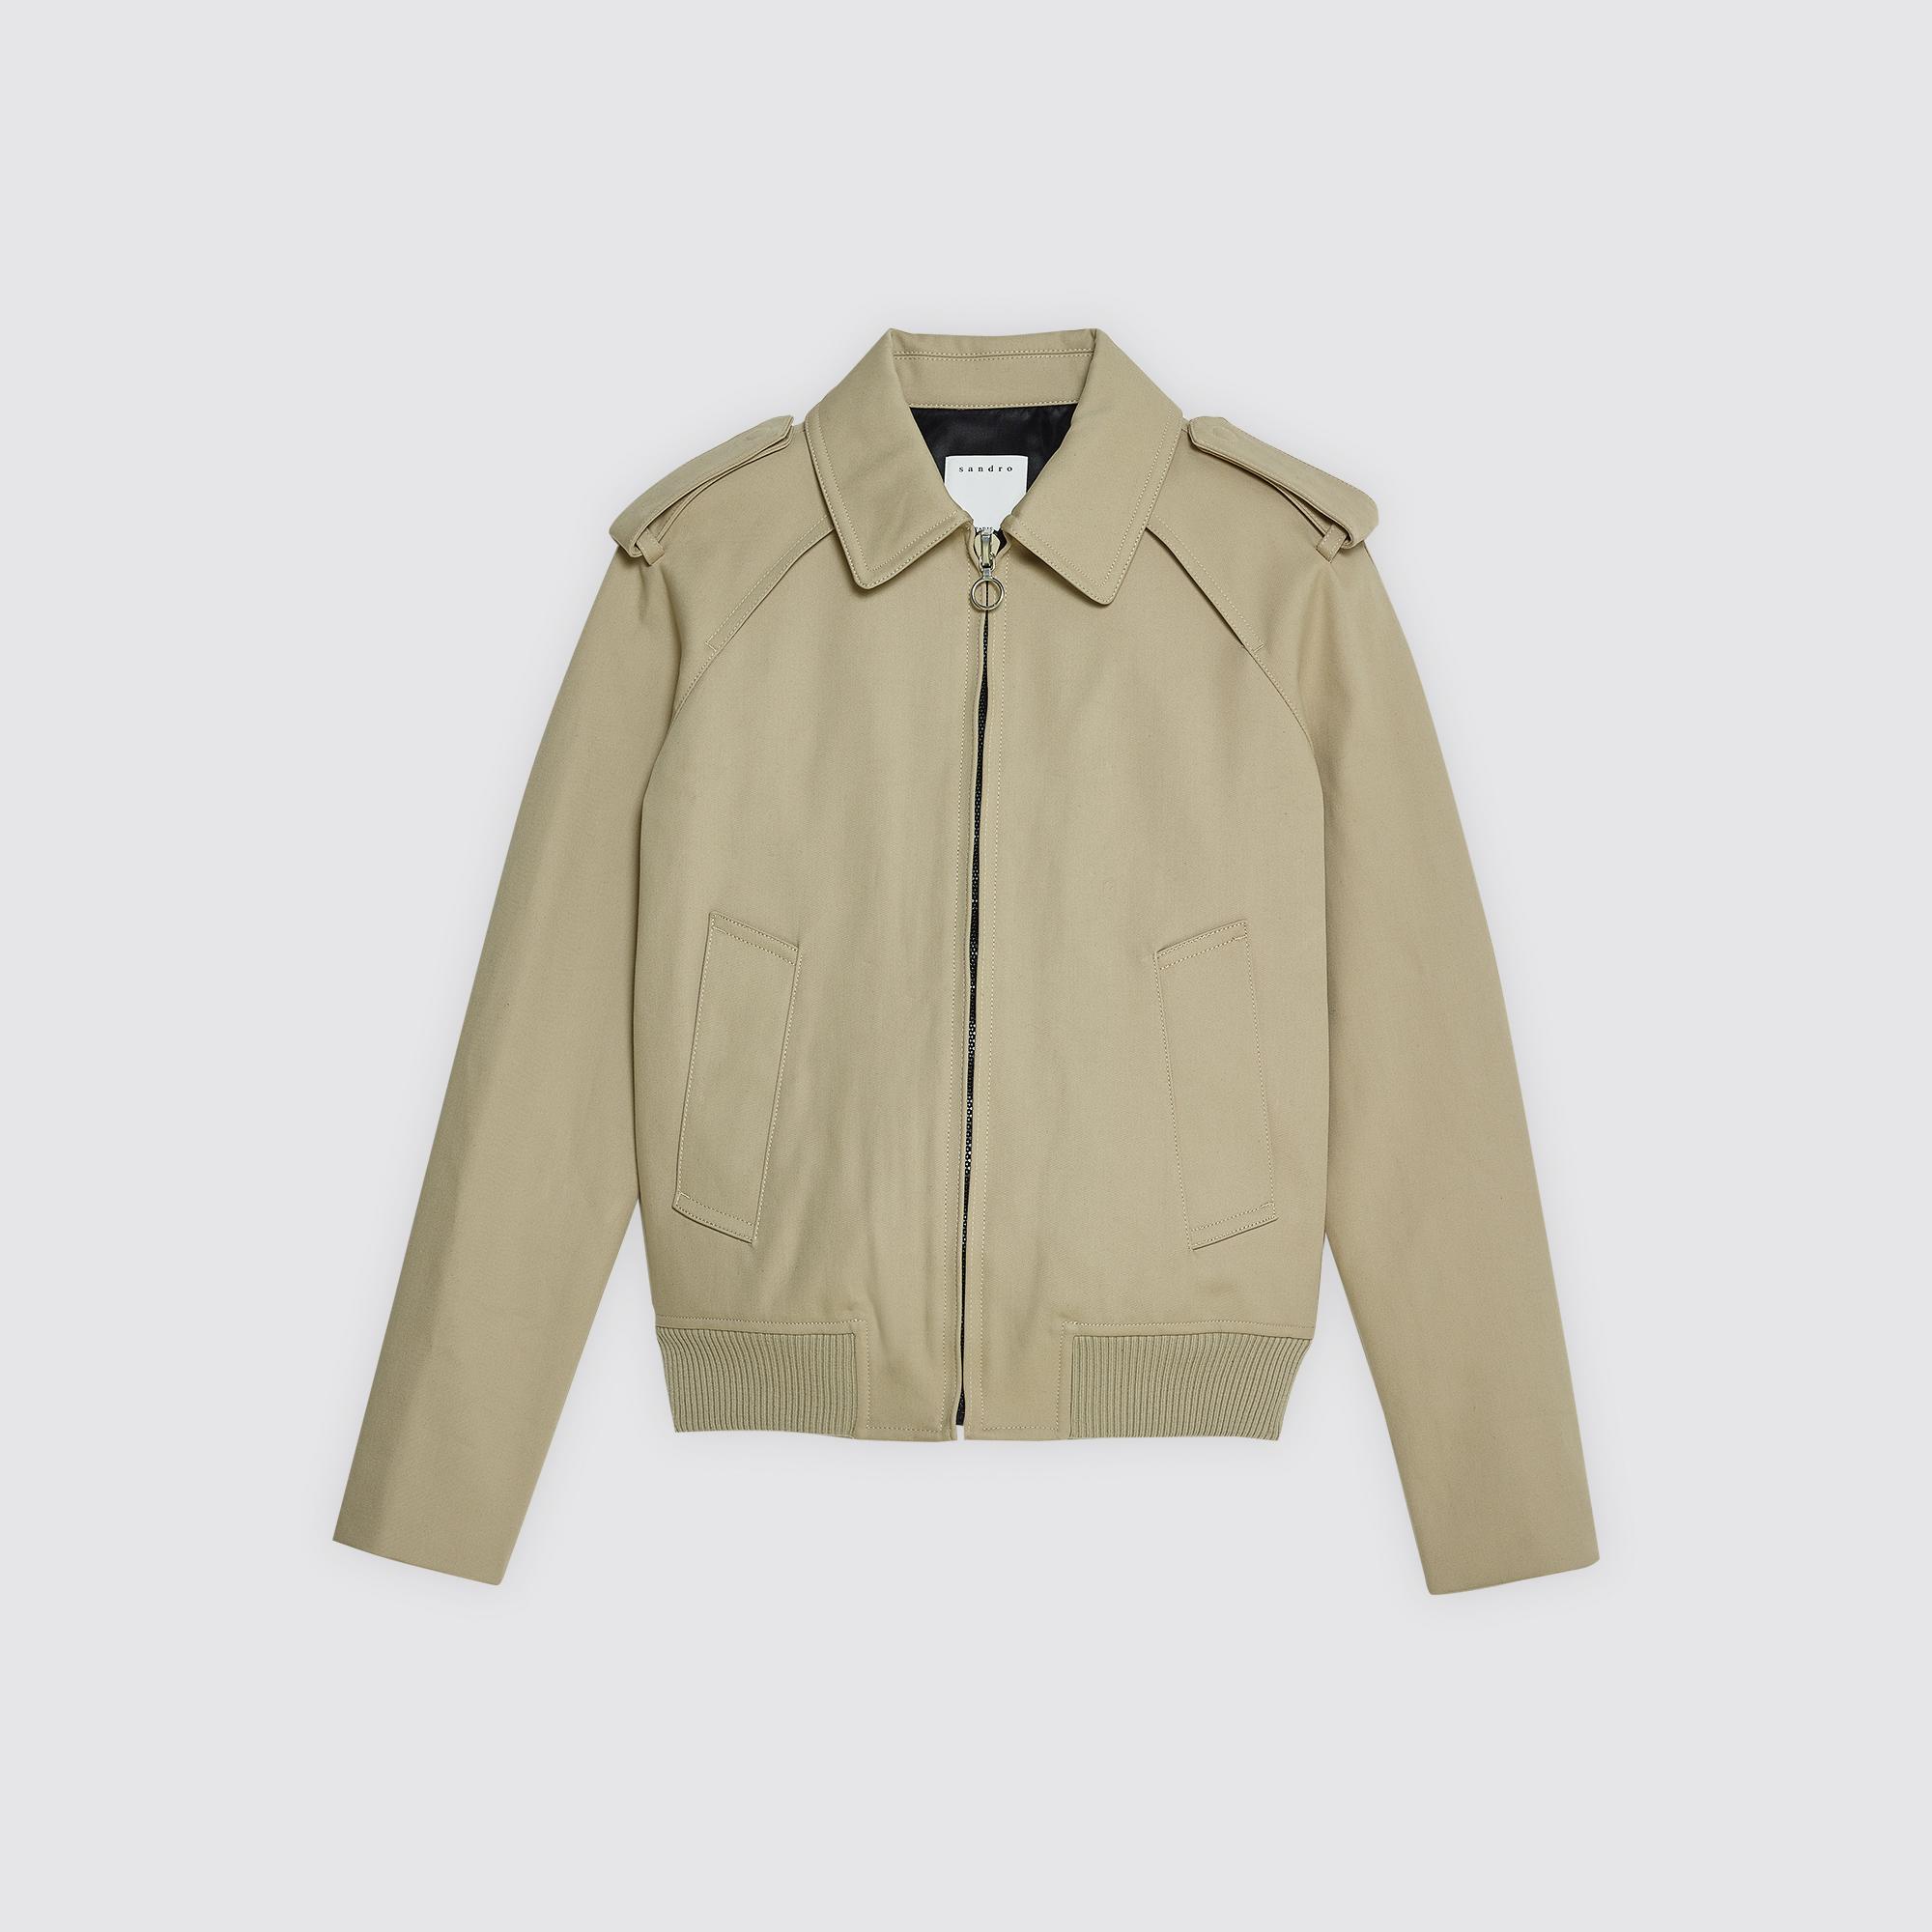 Giubbotto modello Harrington con zip : Giubbotti & Giacche colore Beige